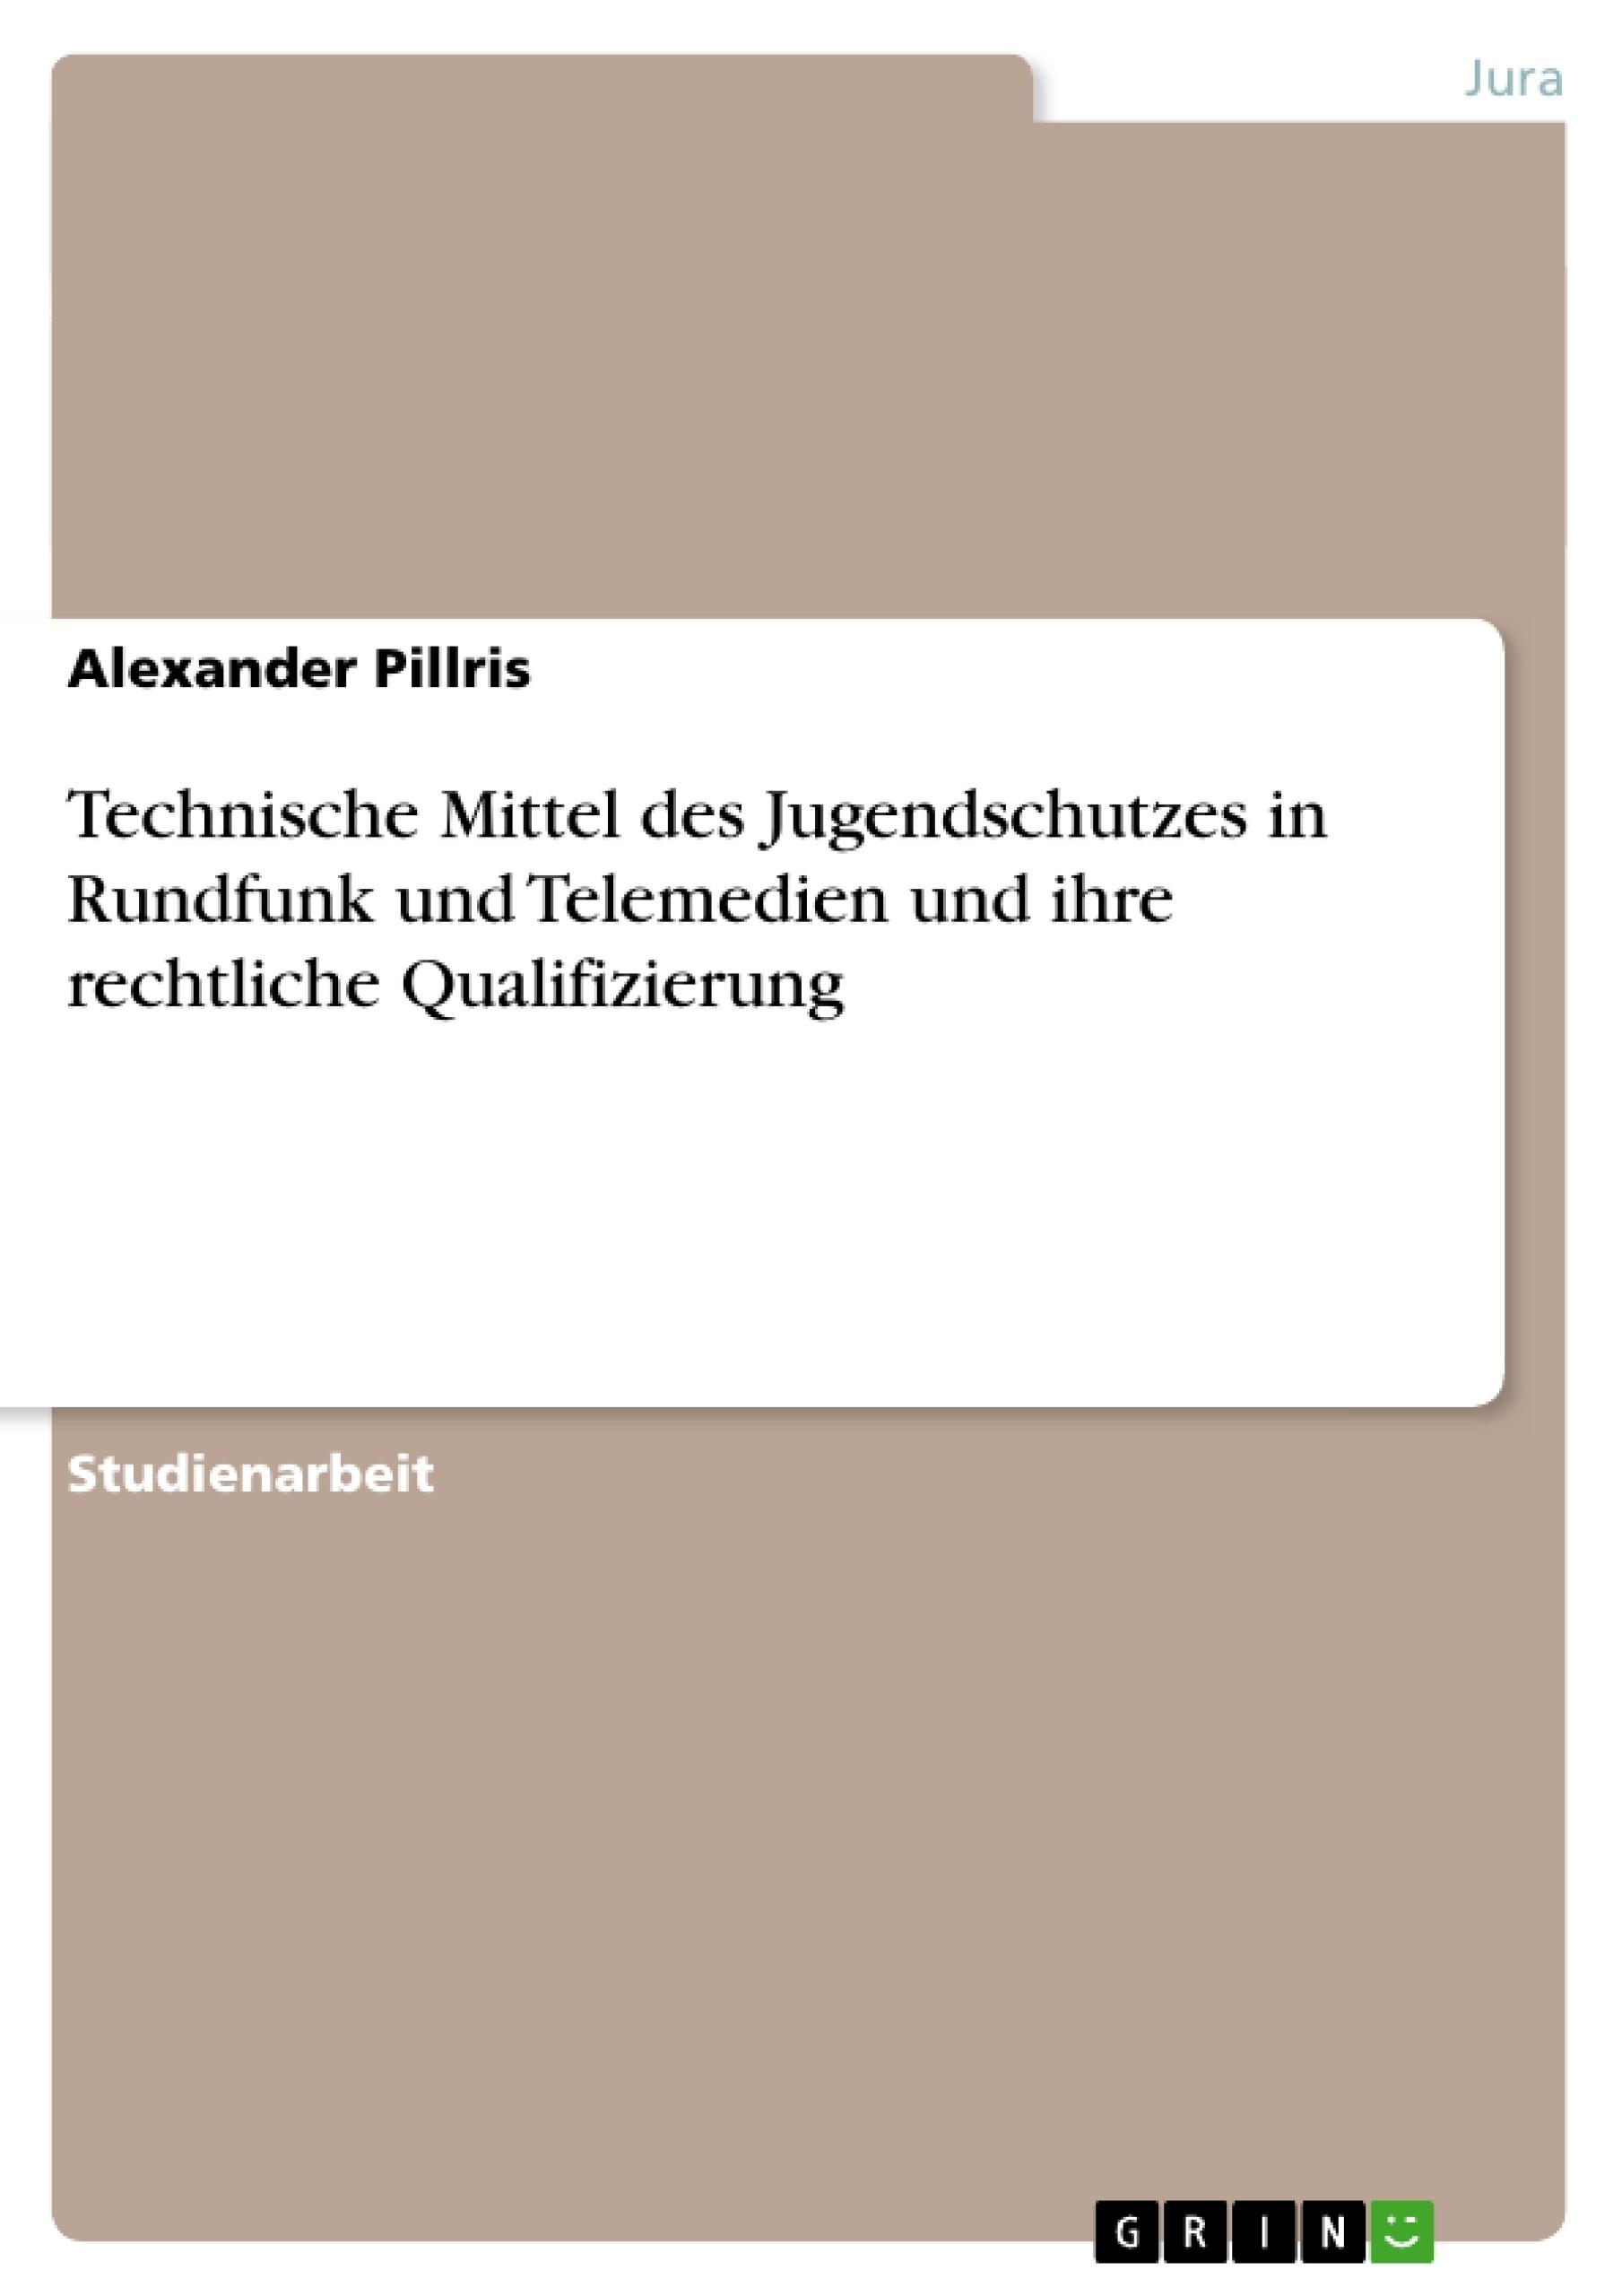 Titel: Technische Mittel des Jugendschutzes in Rundfunk und Telemedien und ihre rechtliche Qualifizierung